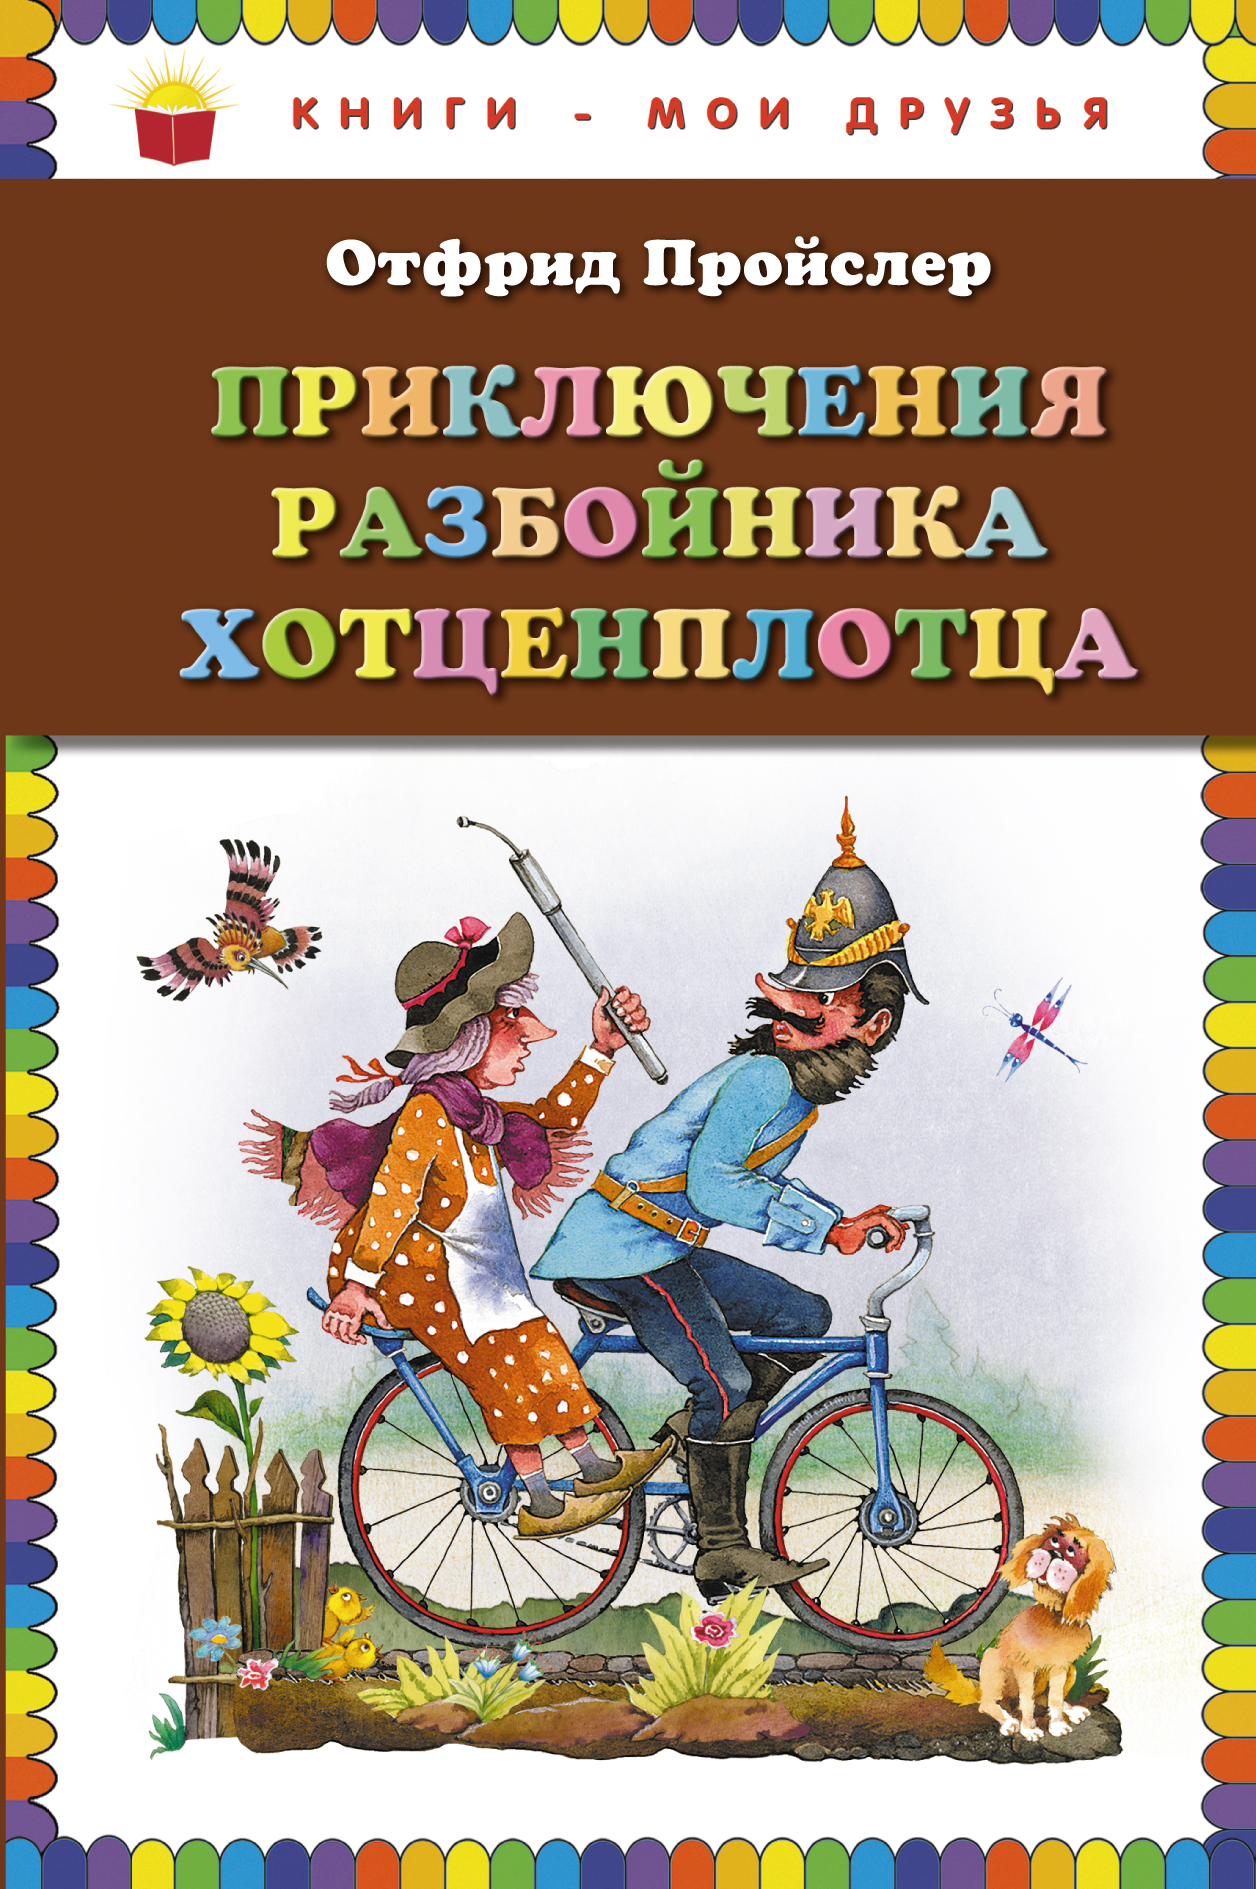 Приключения разбойника Хотценплотца (пер. Э. Ивановой, ил. В.Родионова)